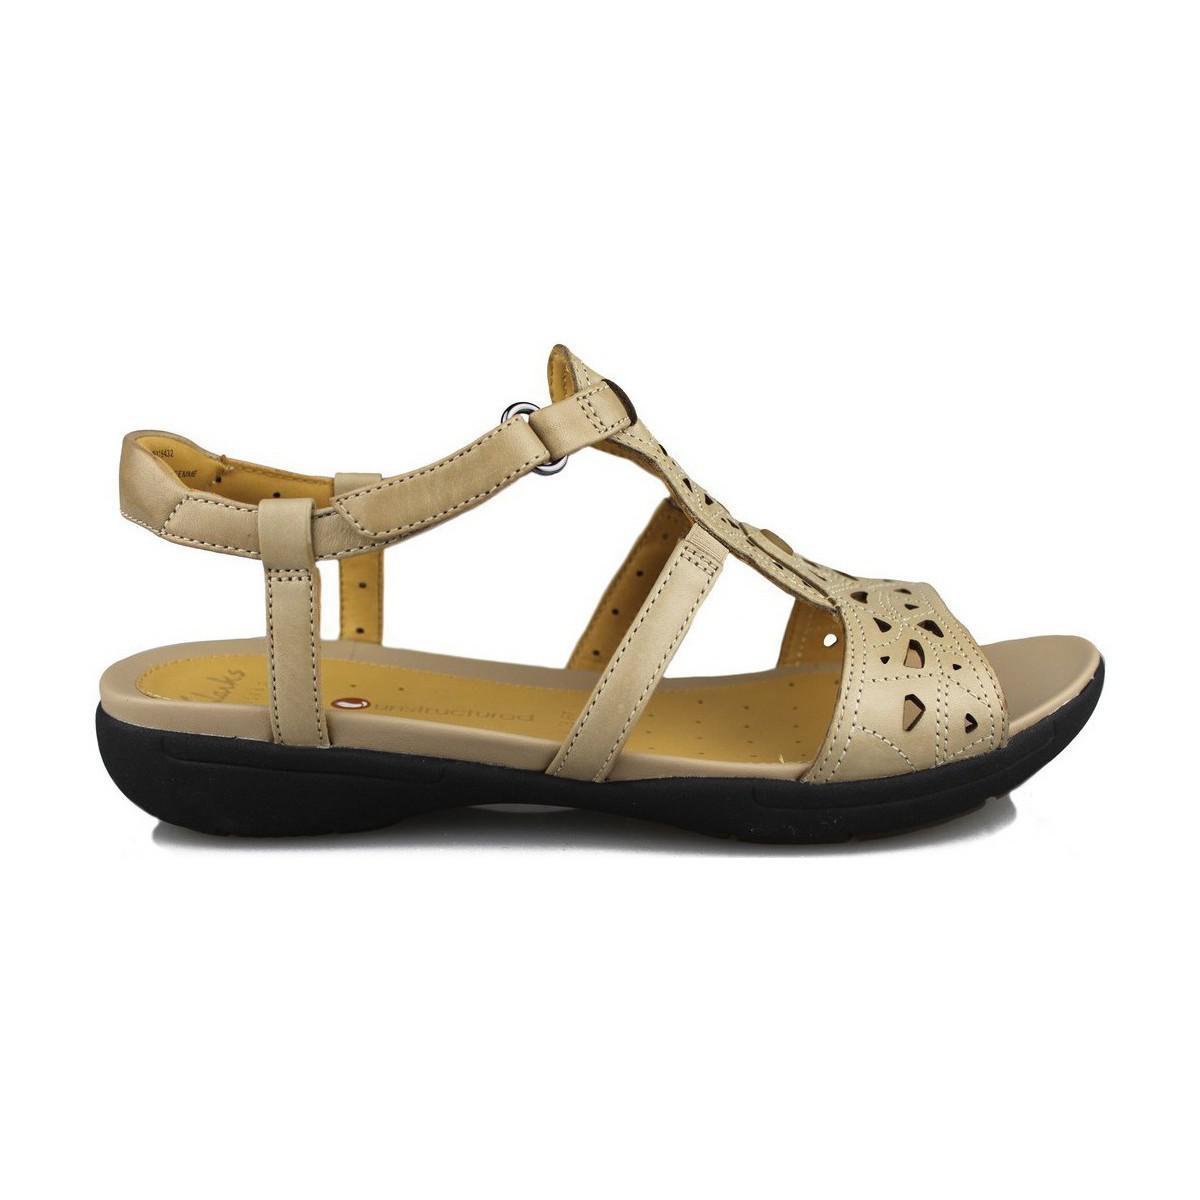 9baf3016850 Clarks Un Valencia Women s Sandals In Brown in Brown - Lyst